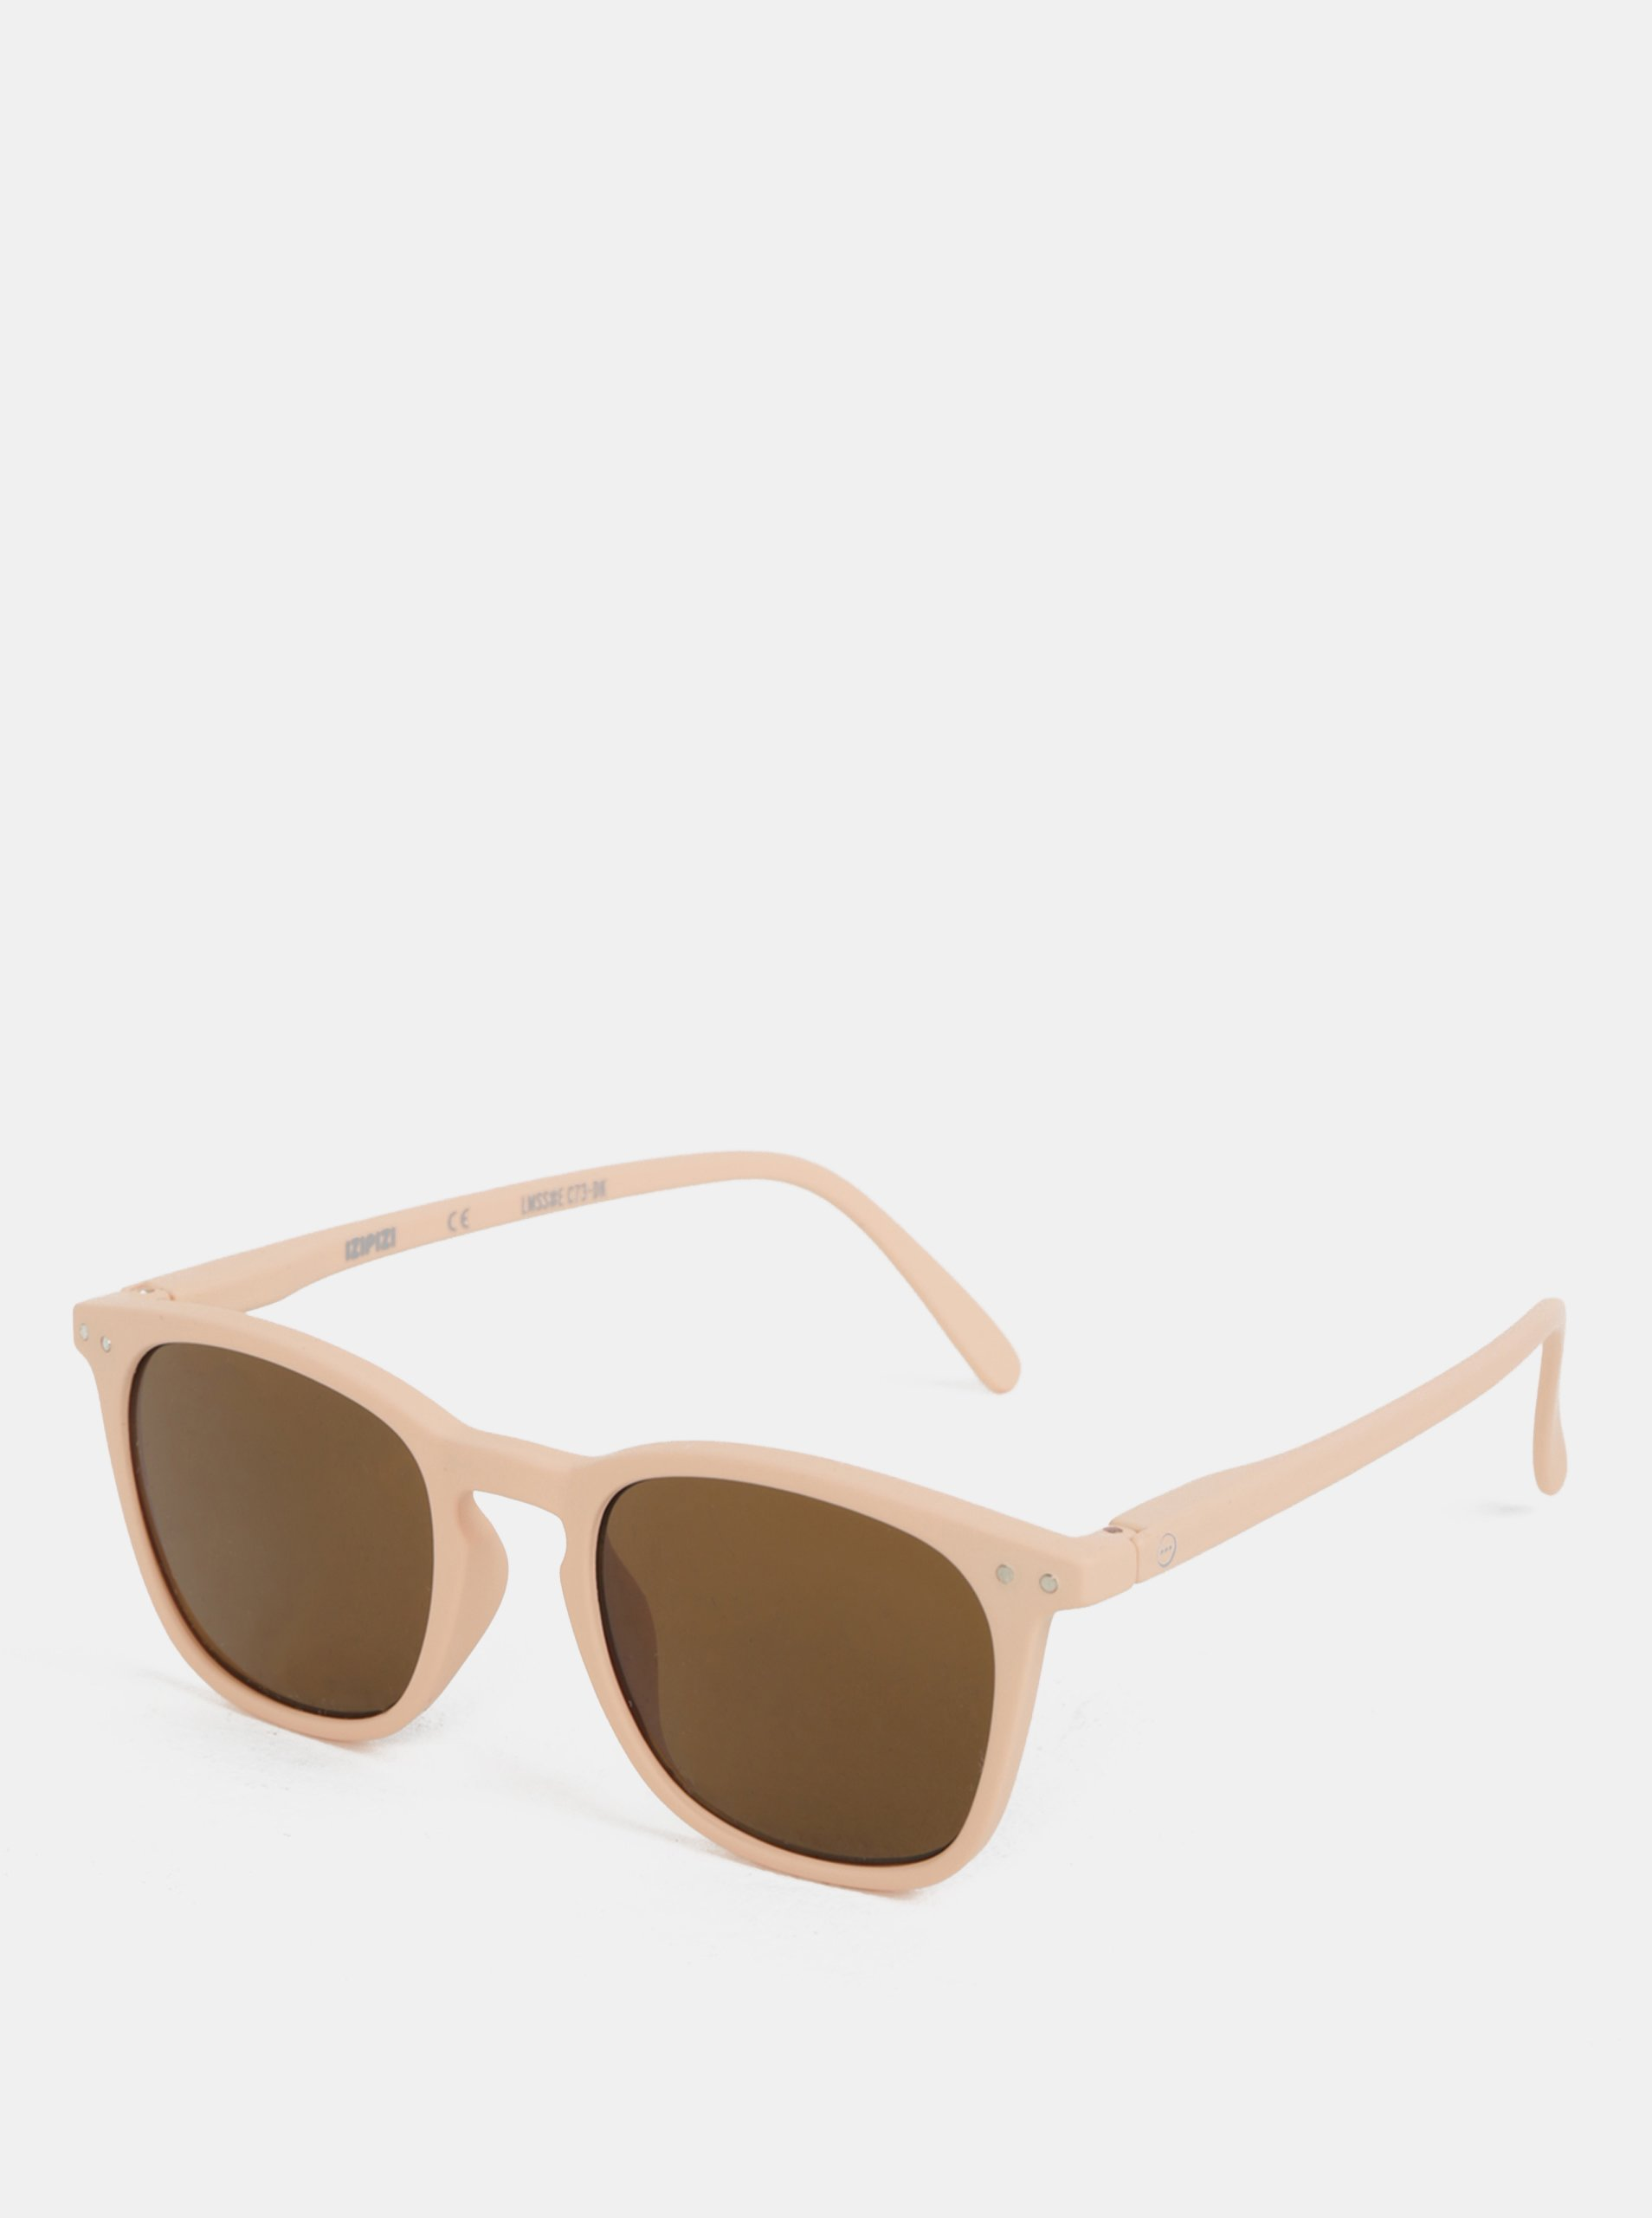 Meruňkové sluneční brýle IZIPIZI  #E